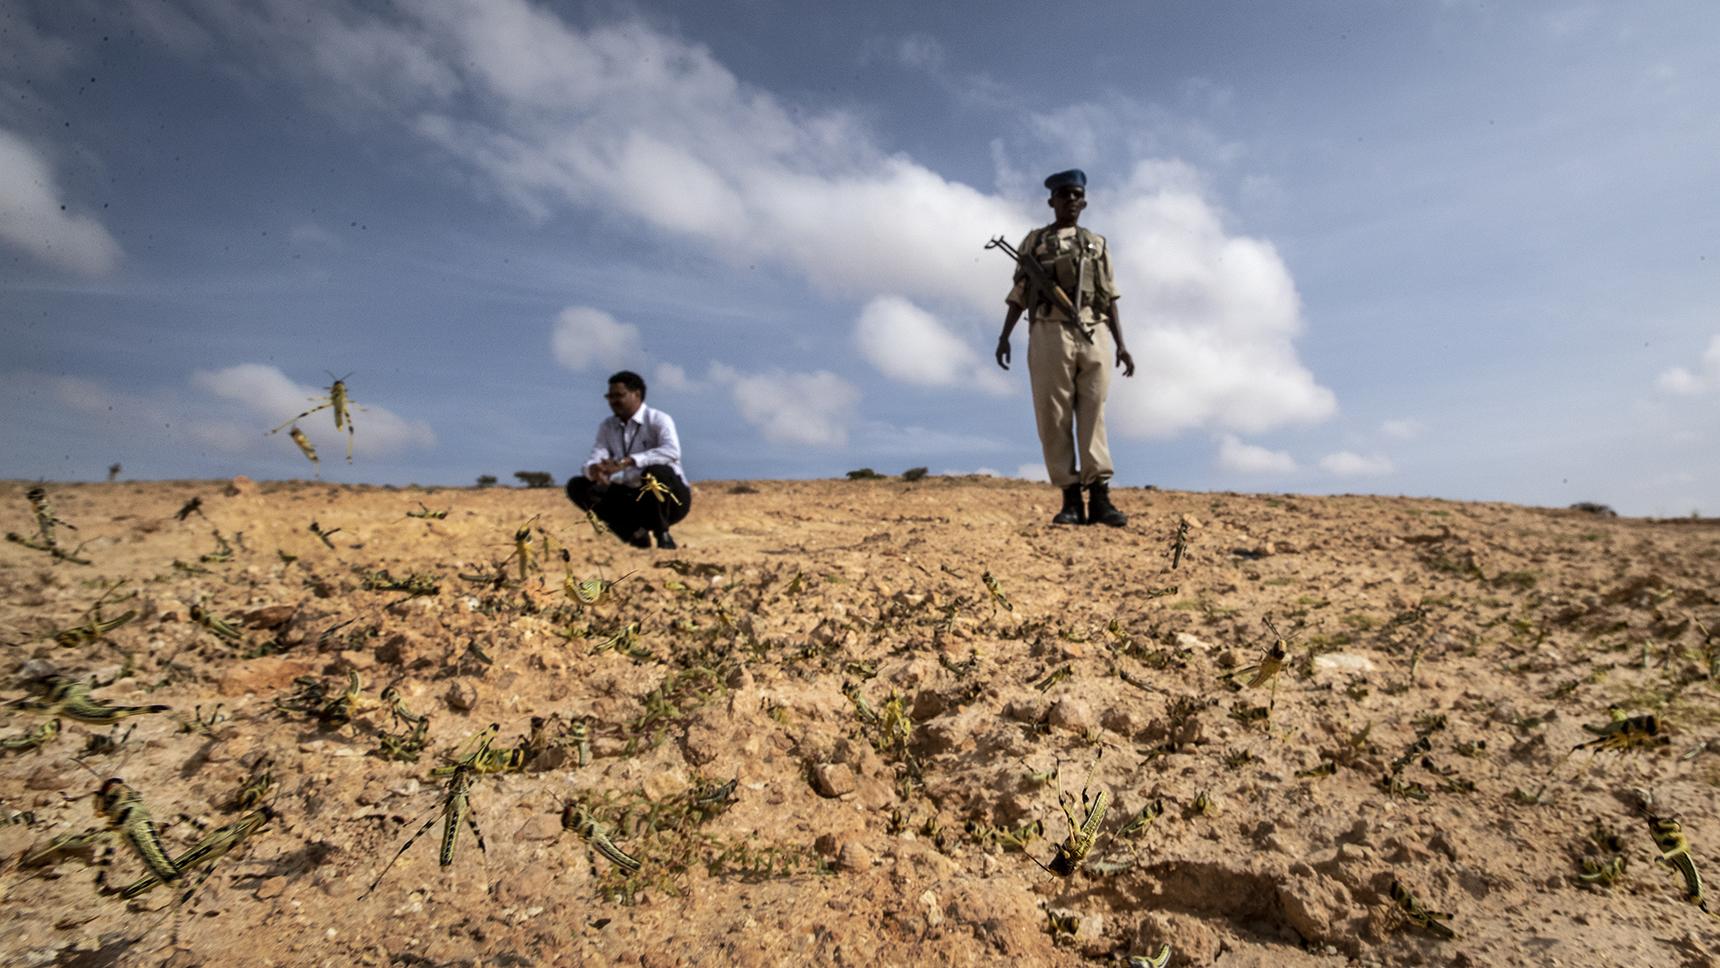 2020年2月5日,联合国粮农组织专家在非洲索马里考察蝗虫灾害。(美联社)